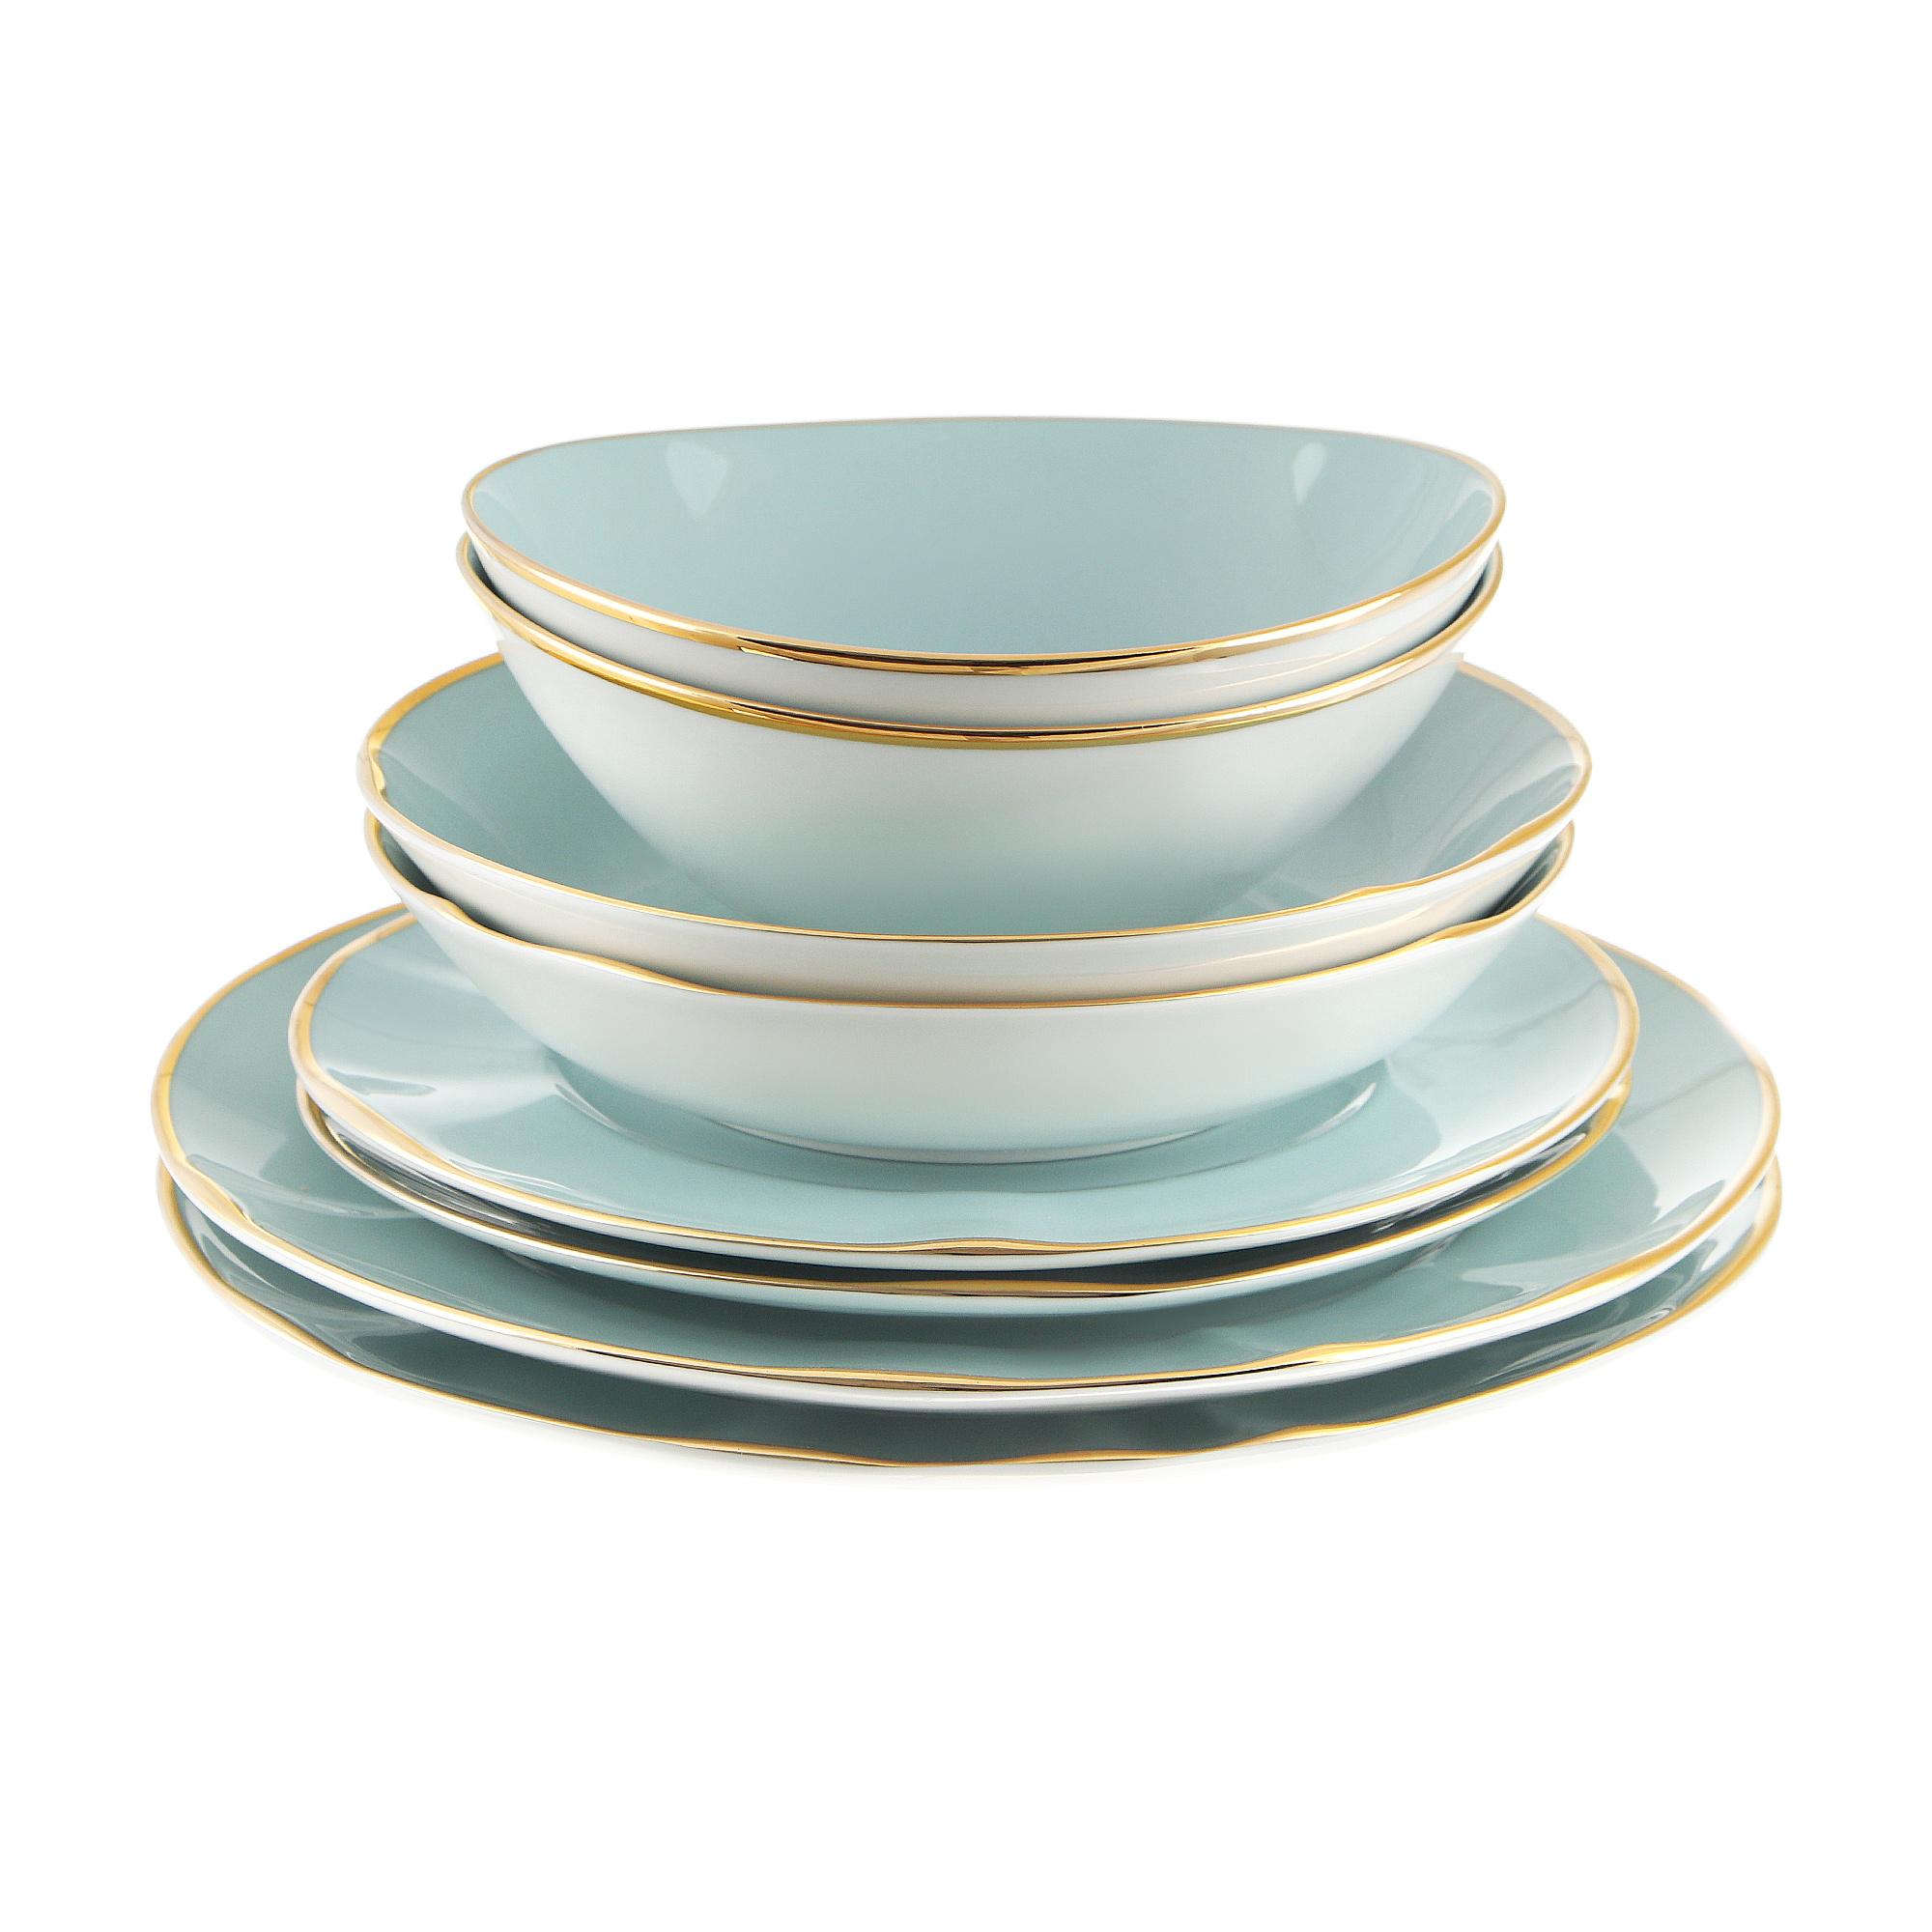 Сервиз обеденный 8 предметов Spal Aqua gold